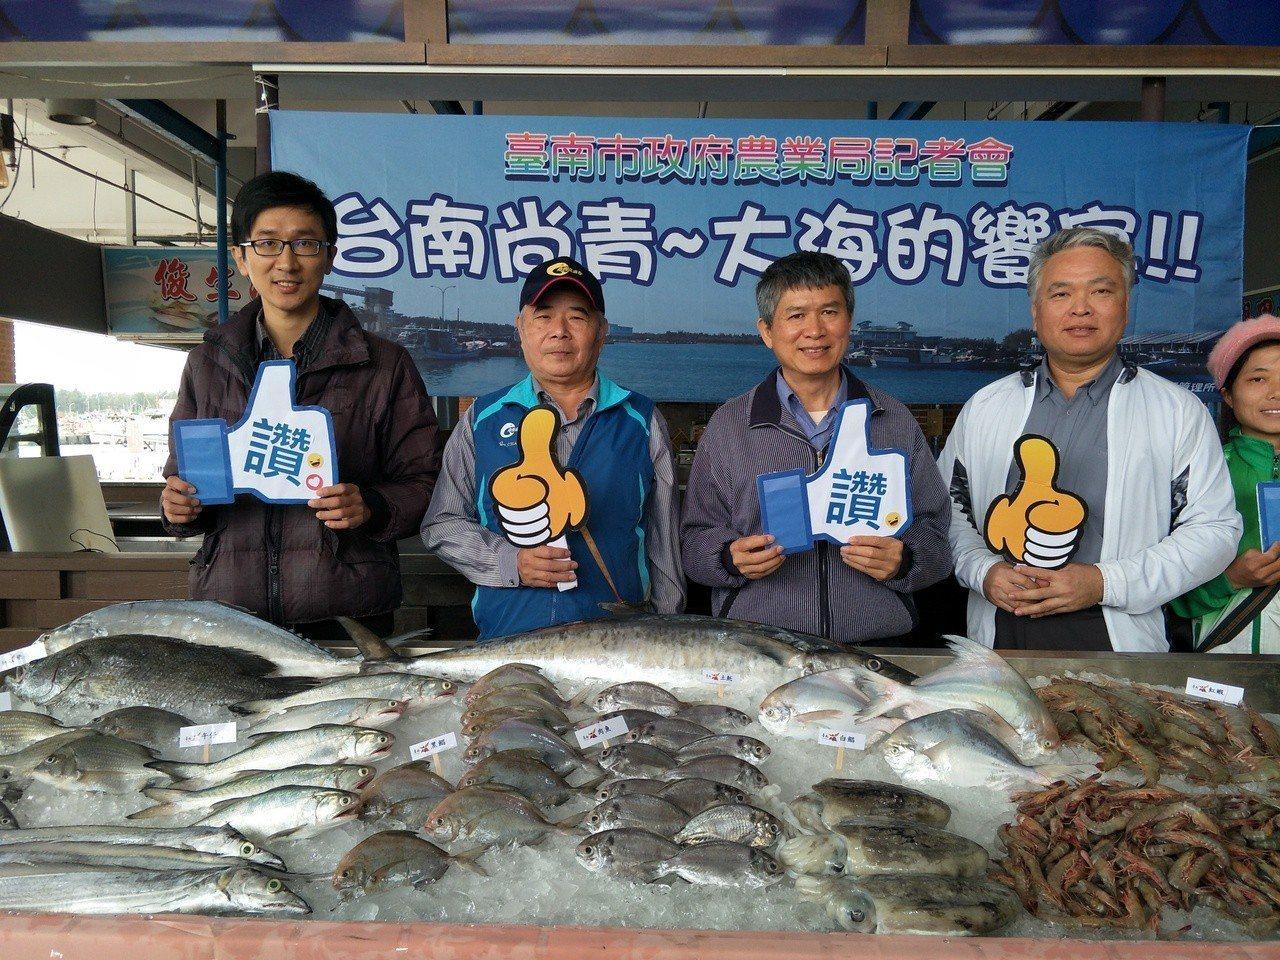 將軍漁港直銷中心當令各類海鮮魚類,邀請遊客來光顧。記者謝進盛/攝影